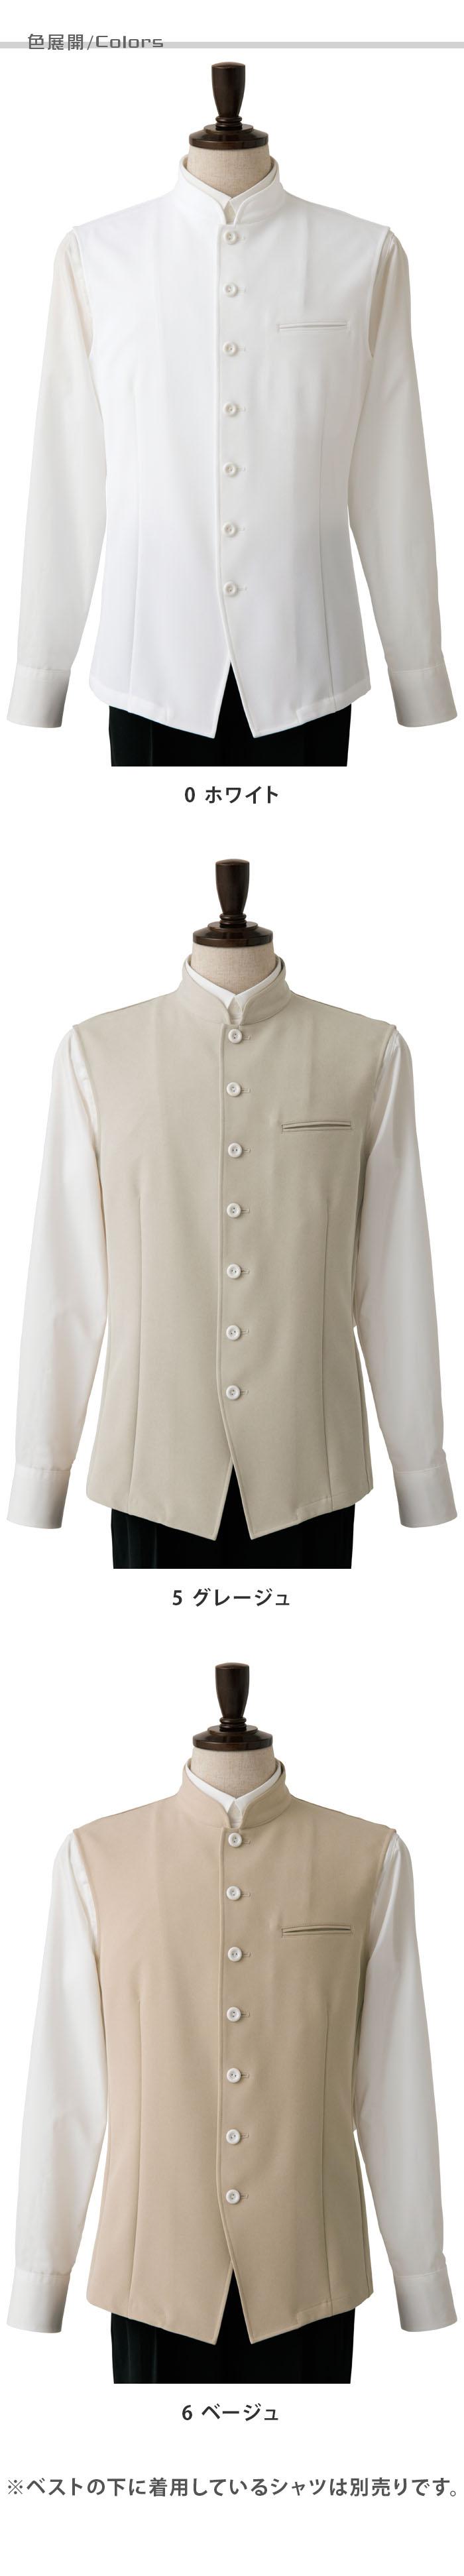 飲食店販売店制服 落ち着いた配色とシングルボタンがフォーマルな装い。ベスト【3色】男性用